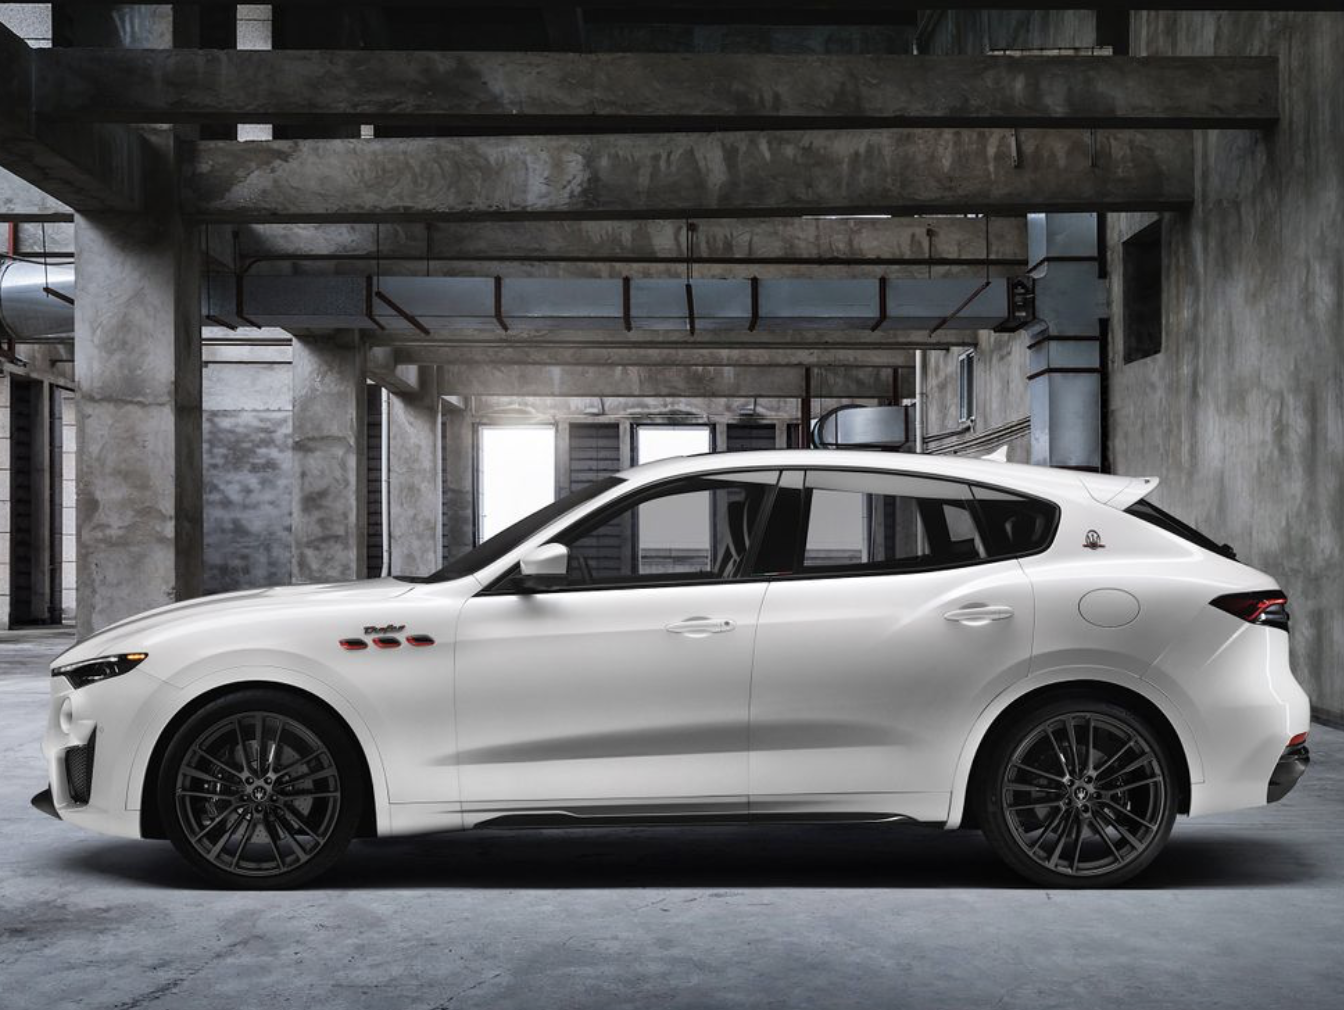 2021 Maserati Levante Review